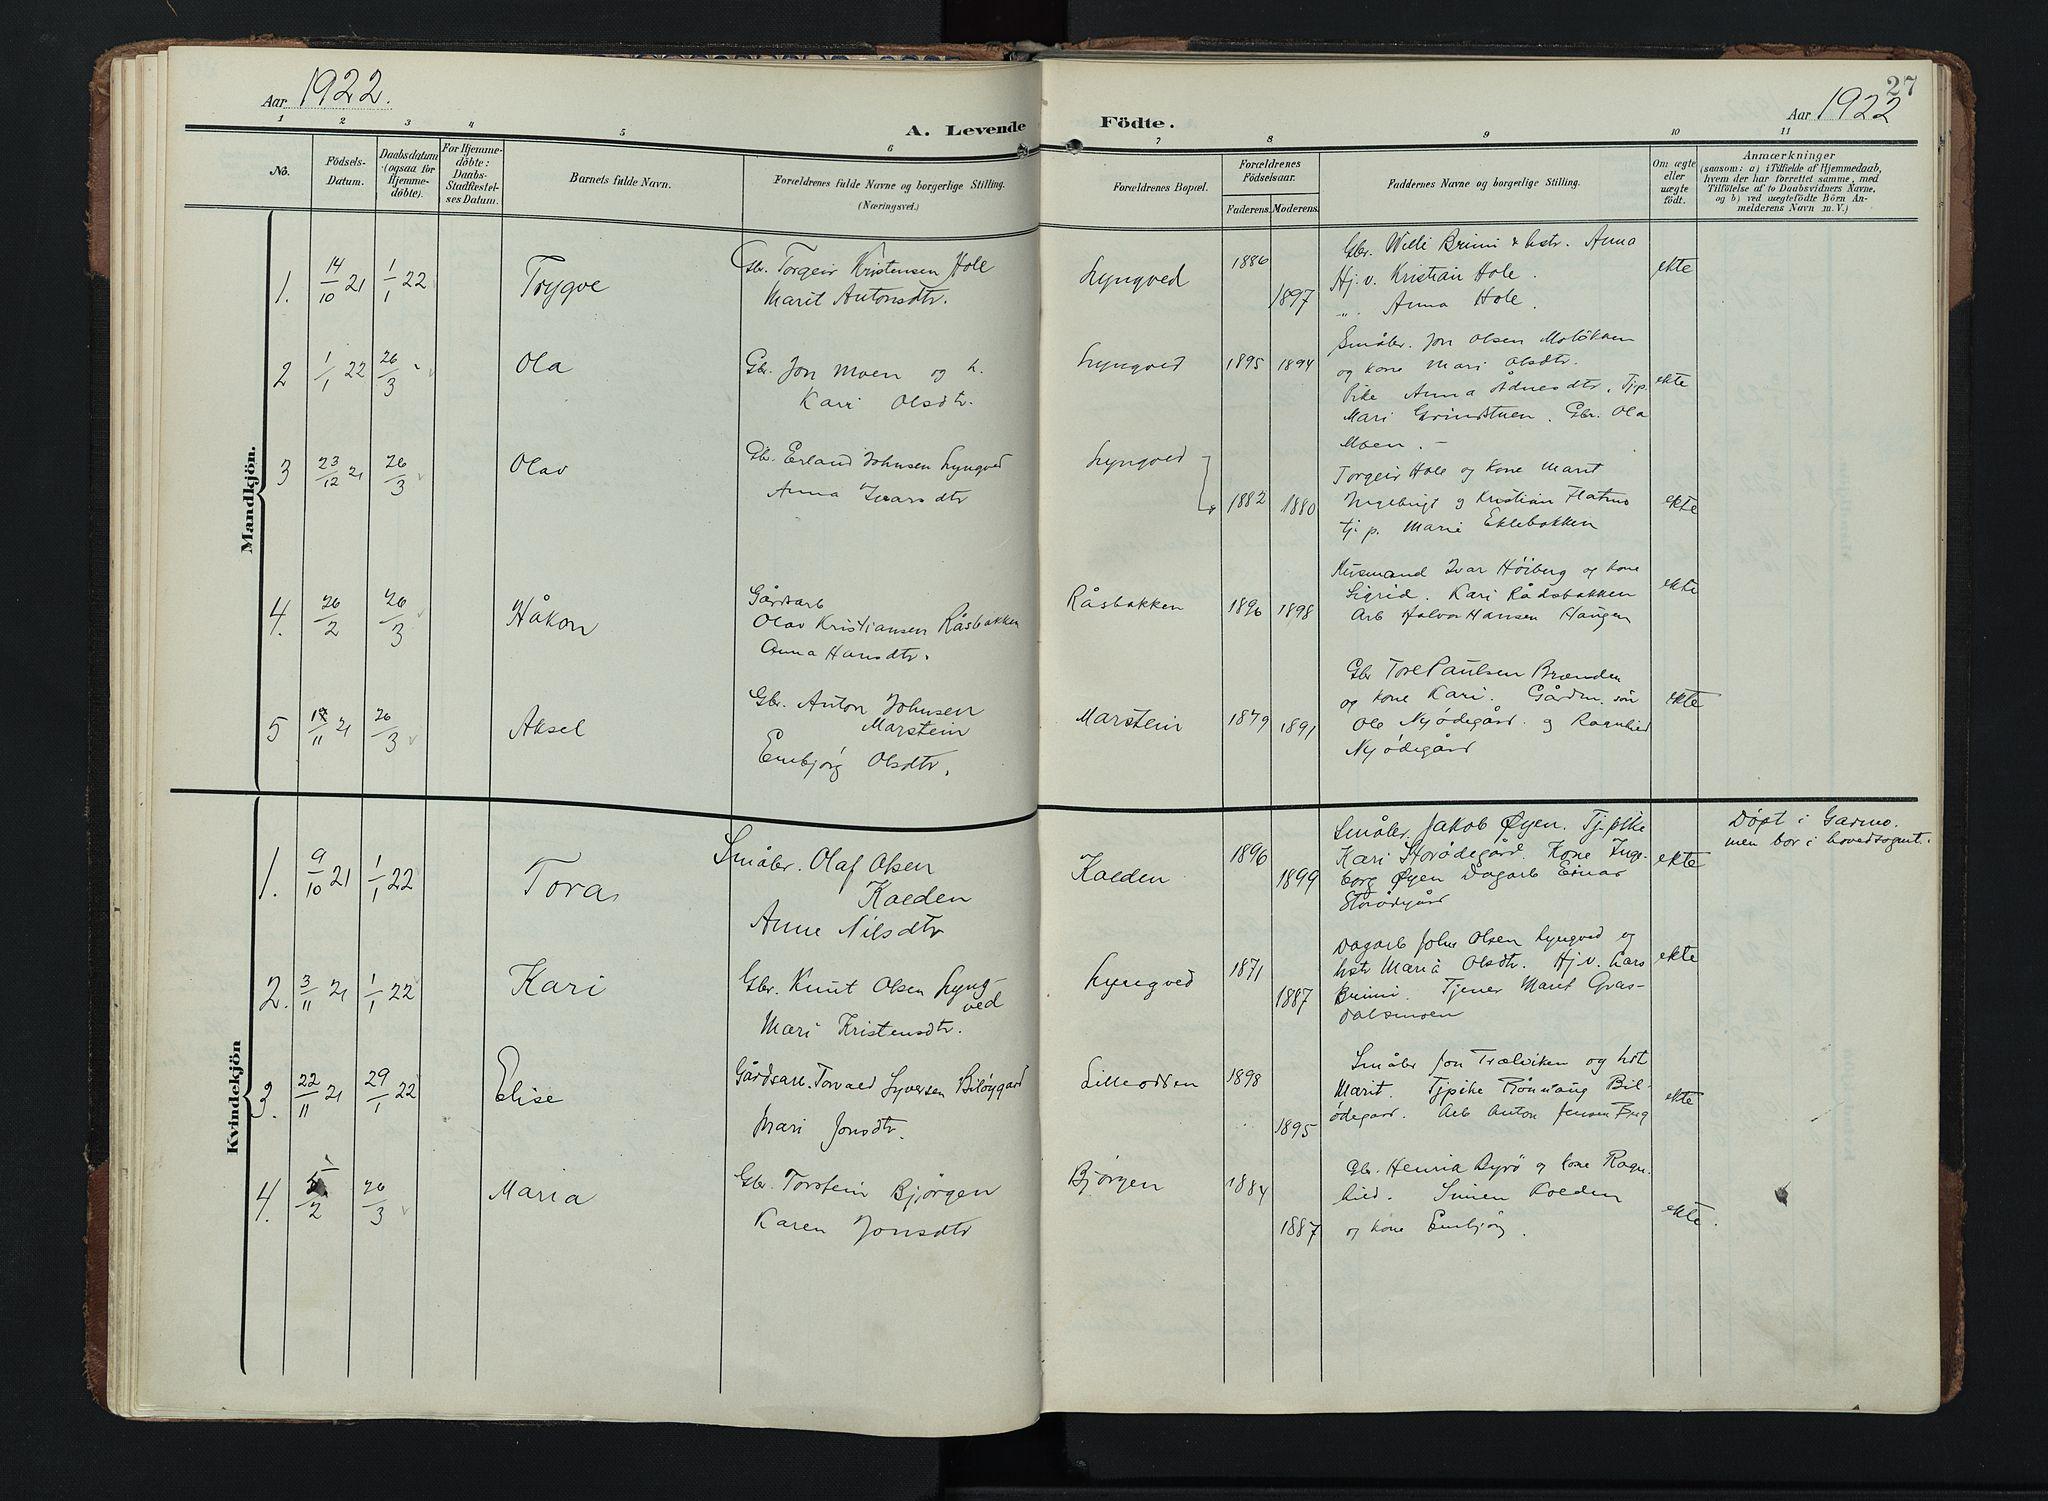 SAH, Lom prestekontor, K/L0011: Ministerialbok nr. 11, 1904-1928, s. 27